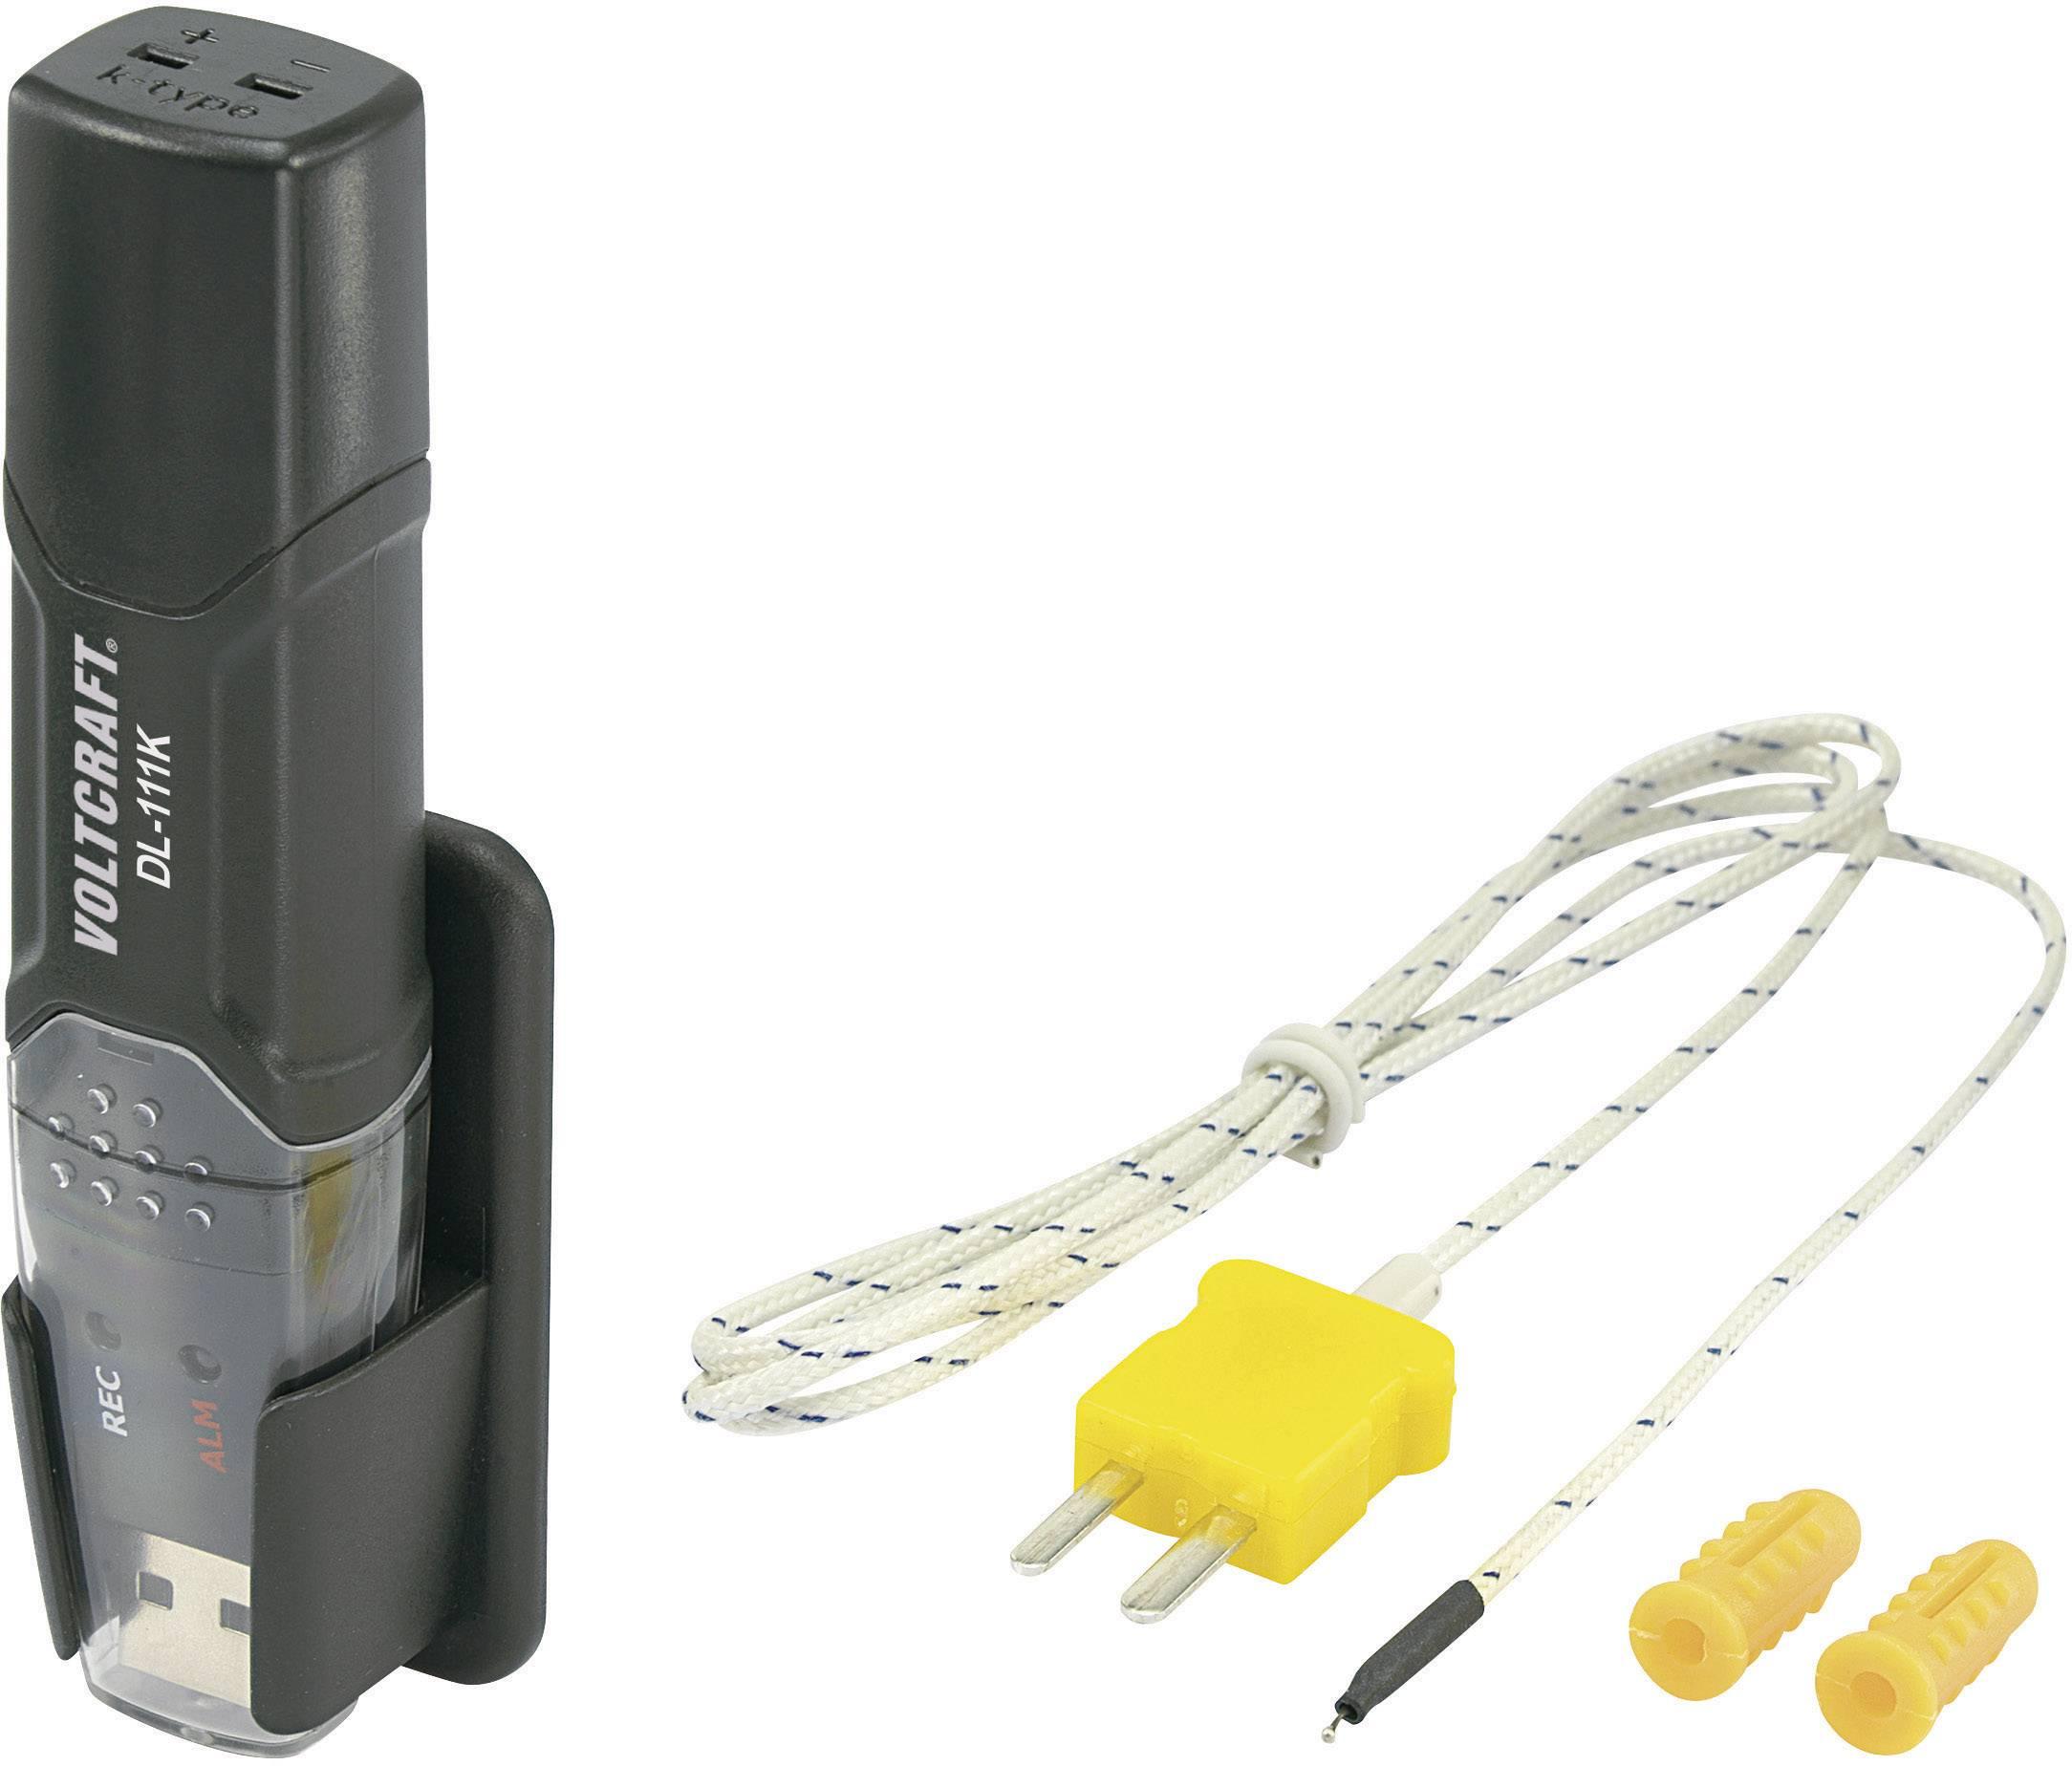 Teplotní datalogger Voltcraft DL-111K USB, typ K